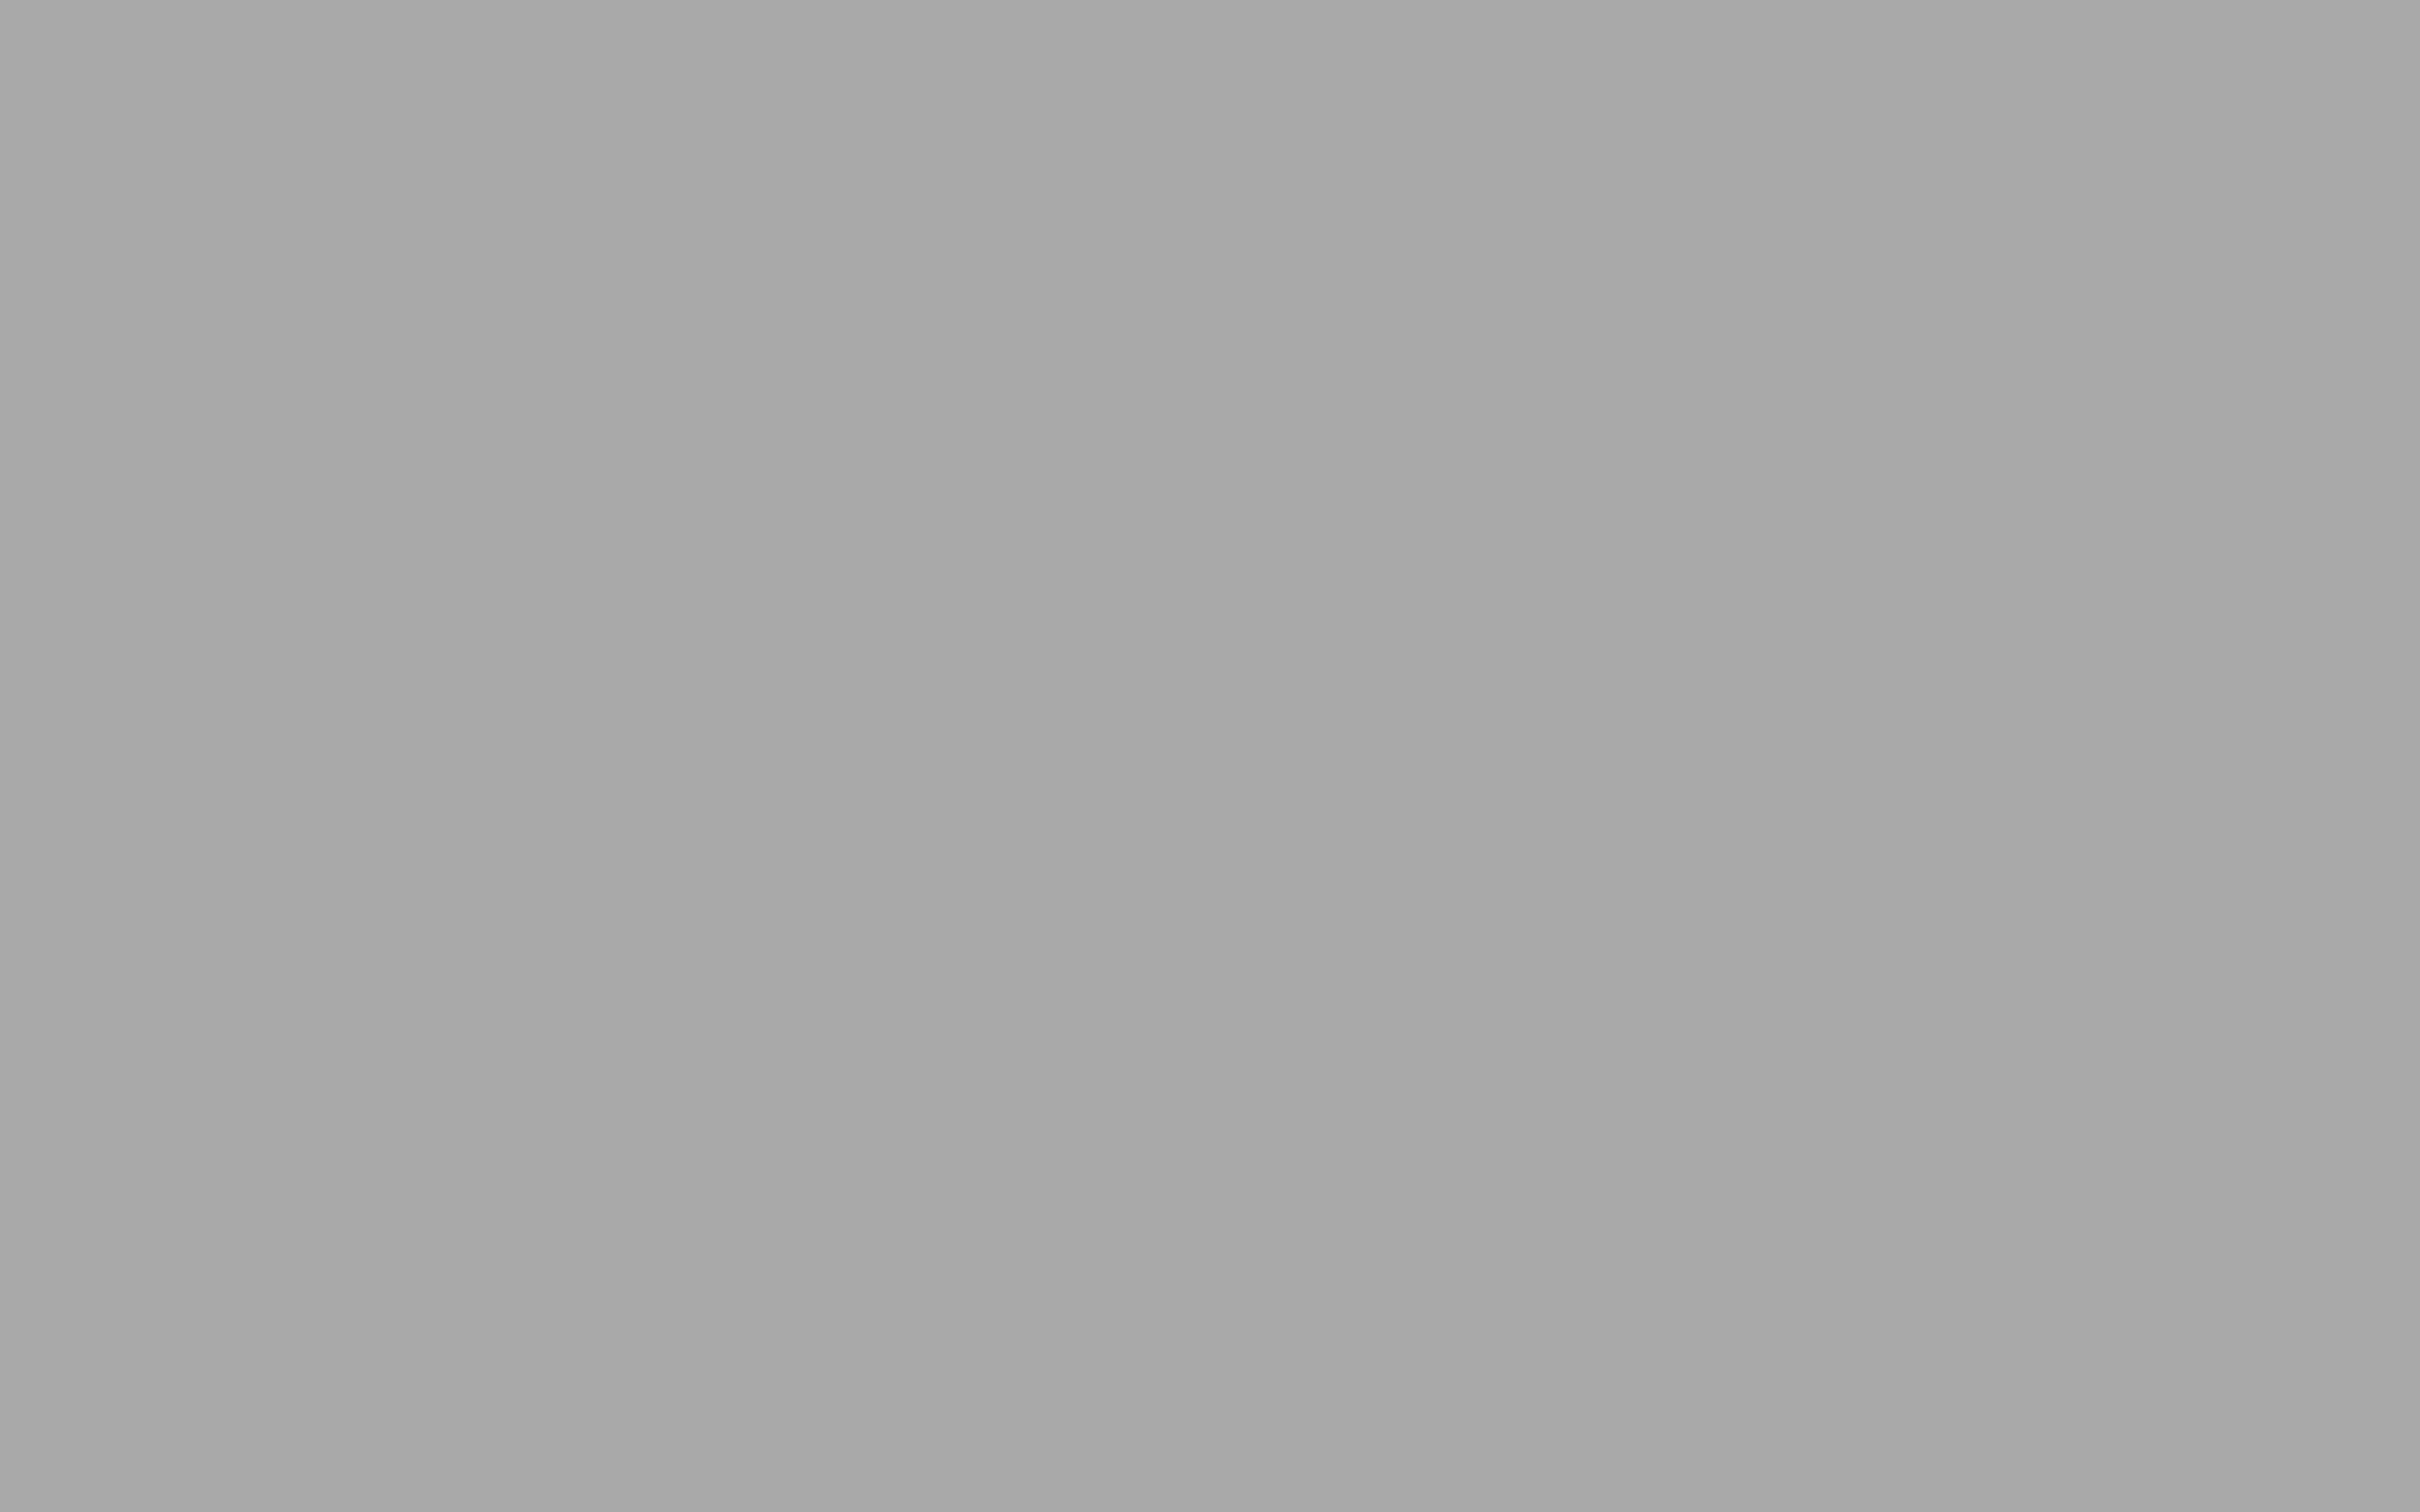 Solid dark grey wallpaper wallpapersafari - Solid light gray wallpaper ...